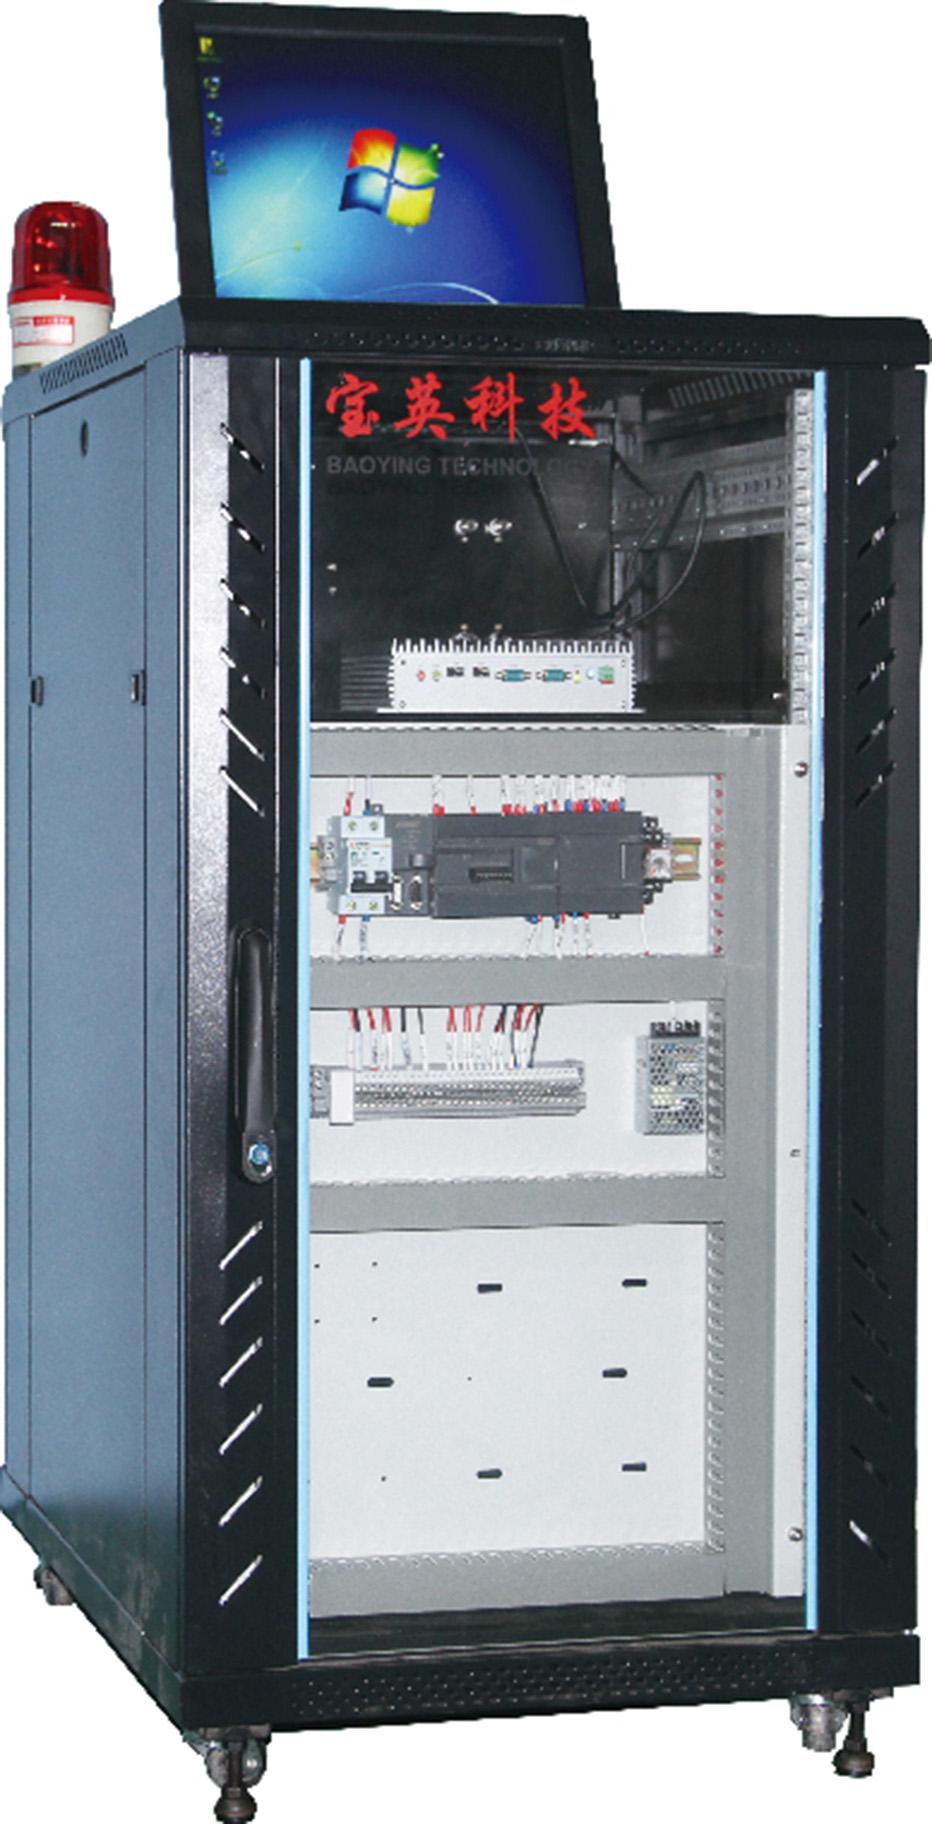 BY-VOC-600P型揮發性有機物在線監測系統